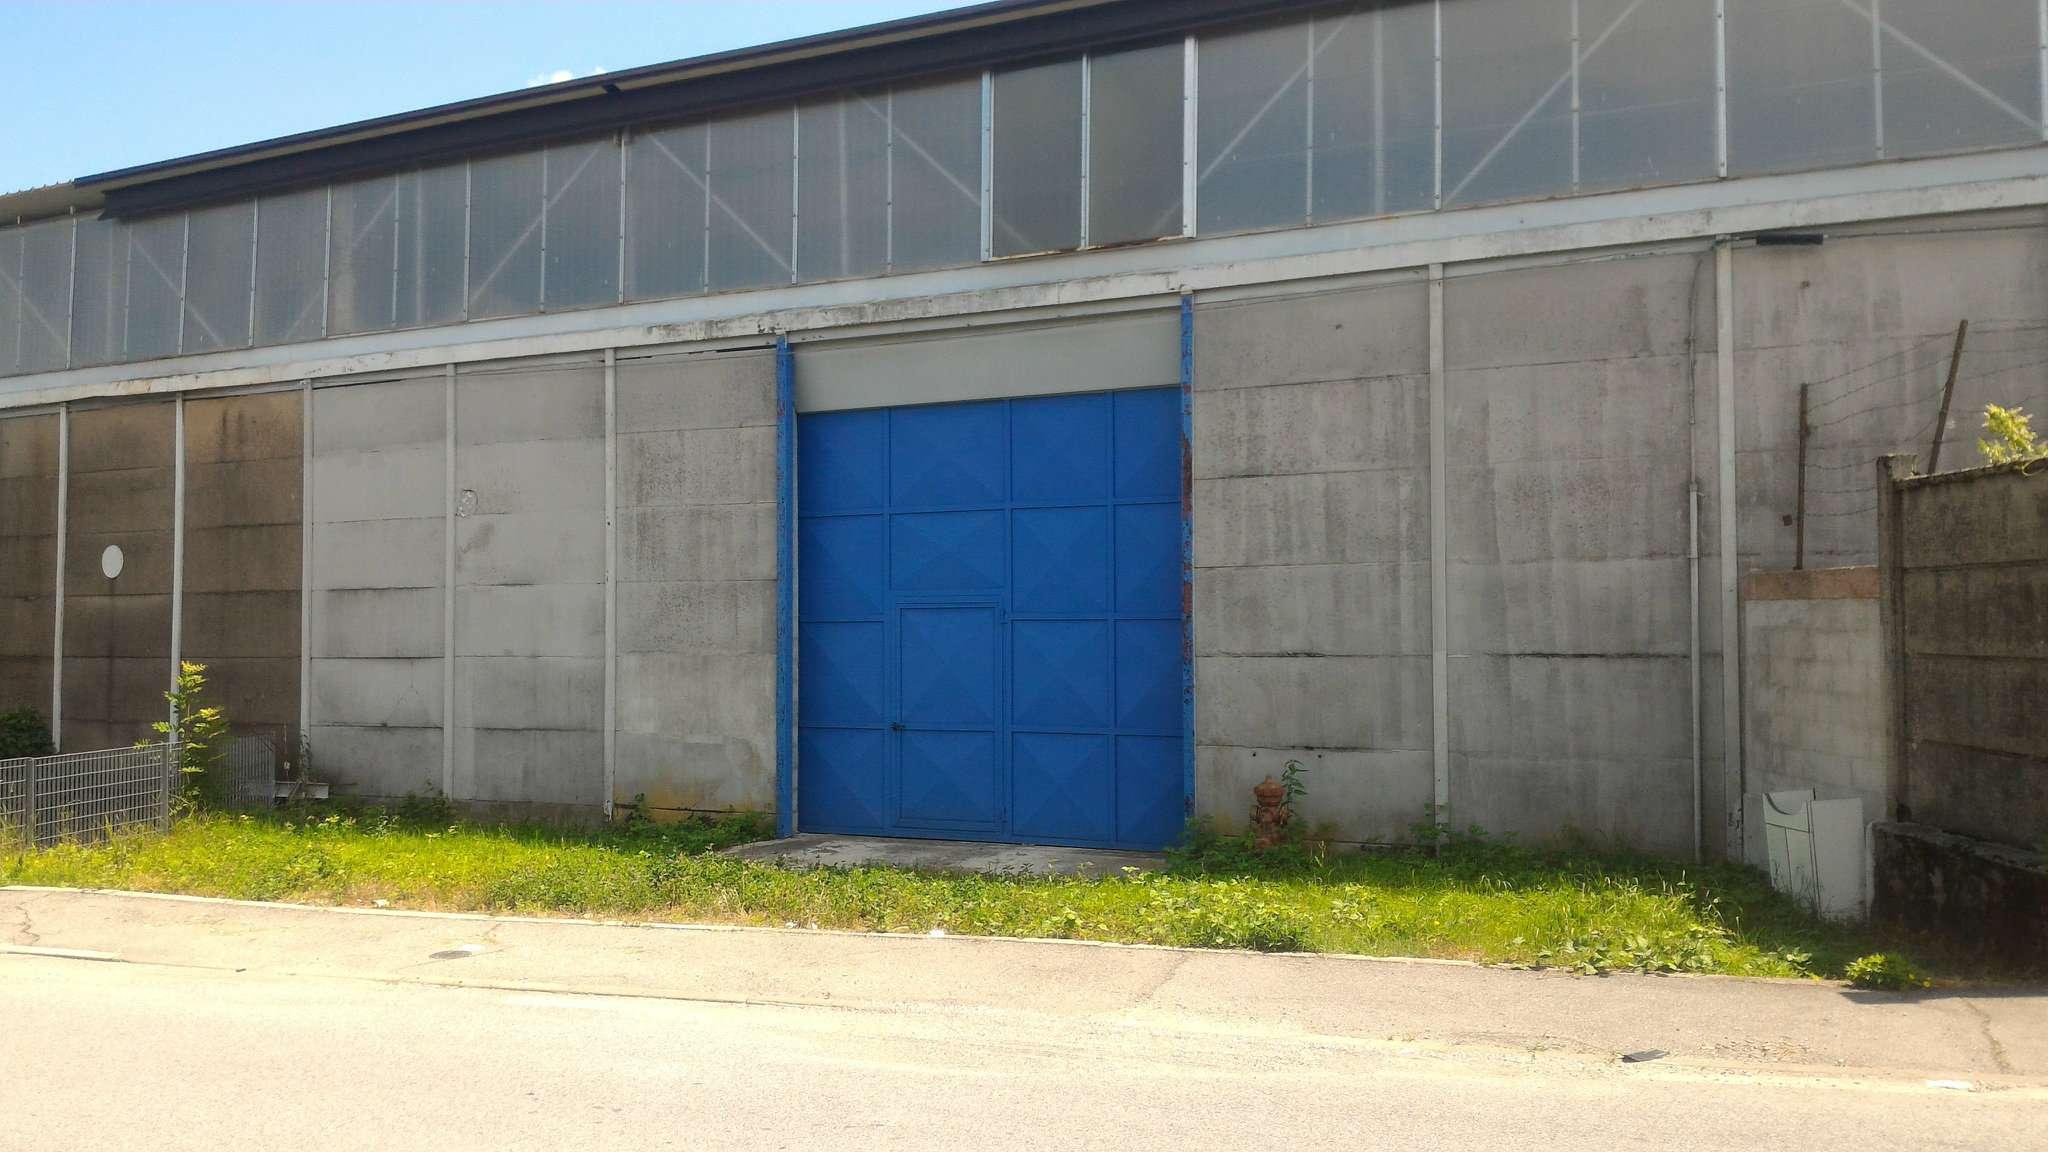 Immagine immobiliare CAPANNONE 500 MQ VENARIA Disponiamo in Venaria comodo alla tangenziale capannone industriale 500 mq con area produttiva di 450 mq , altezza sottotrave 6 mt, ingresso carraio frontale di altezza 4 mt; uffici e bagni da completare in base...